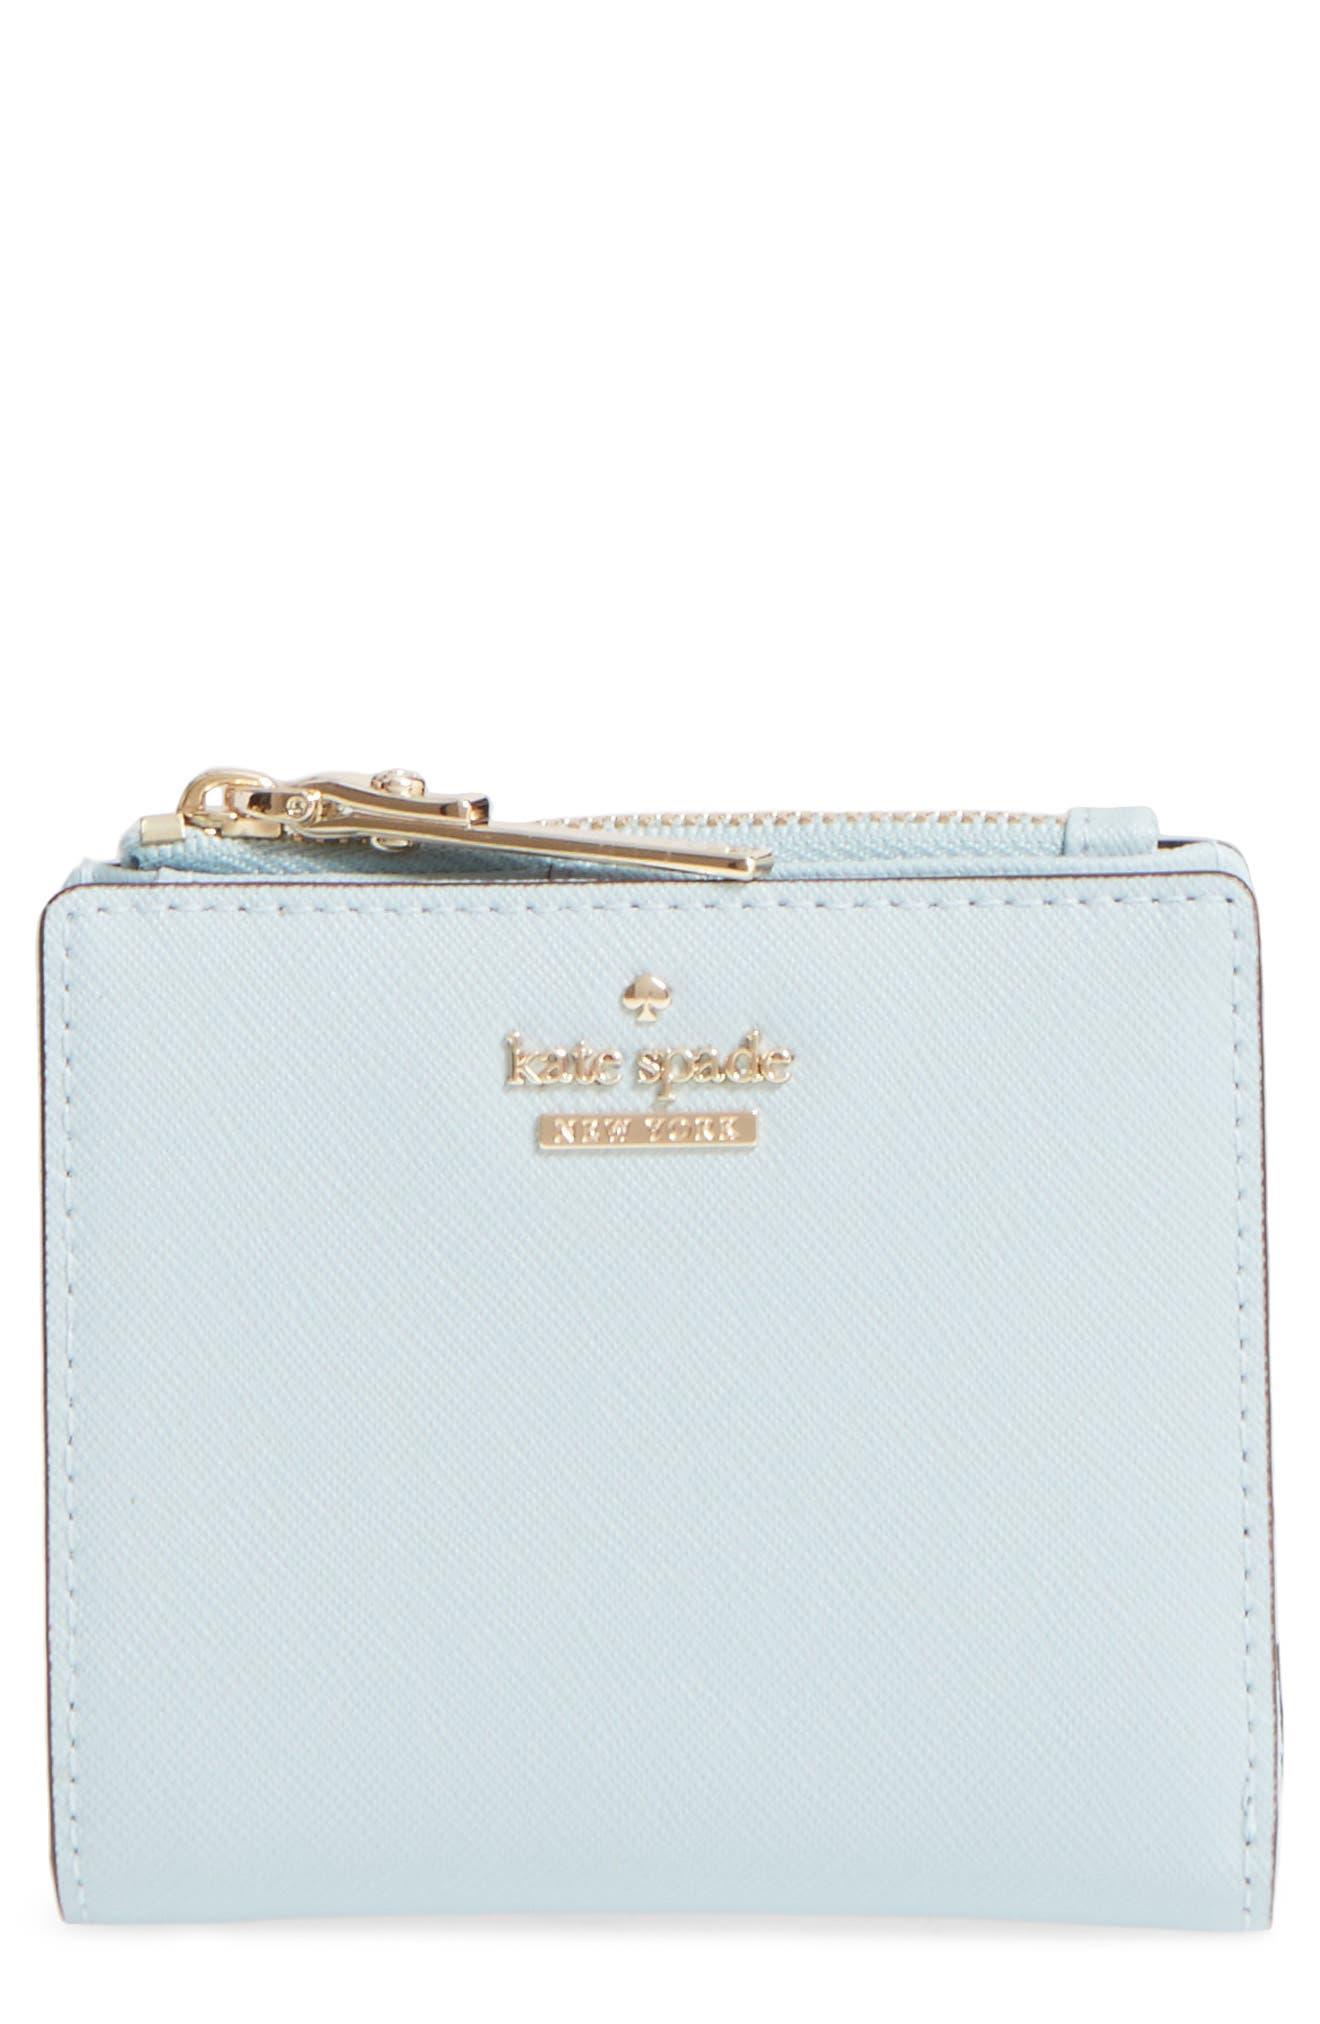 Main Image - kate spade new york cameron street - adalyn slim leather wallet